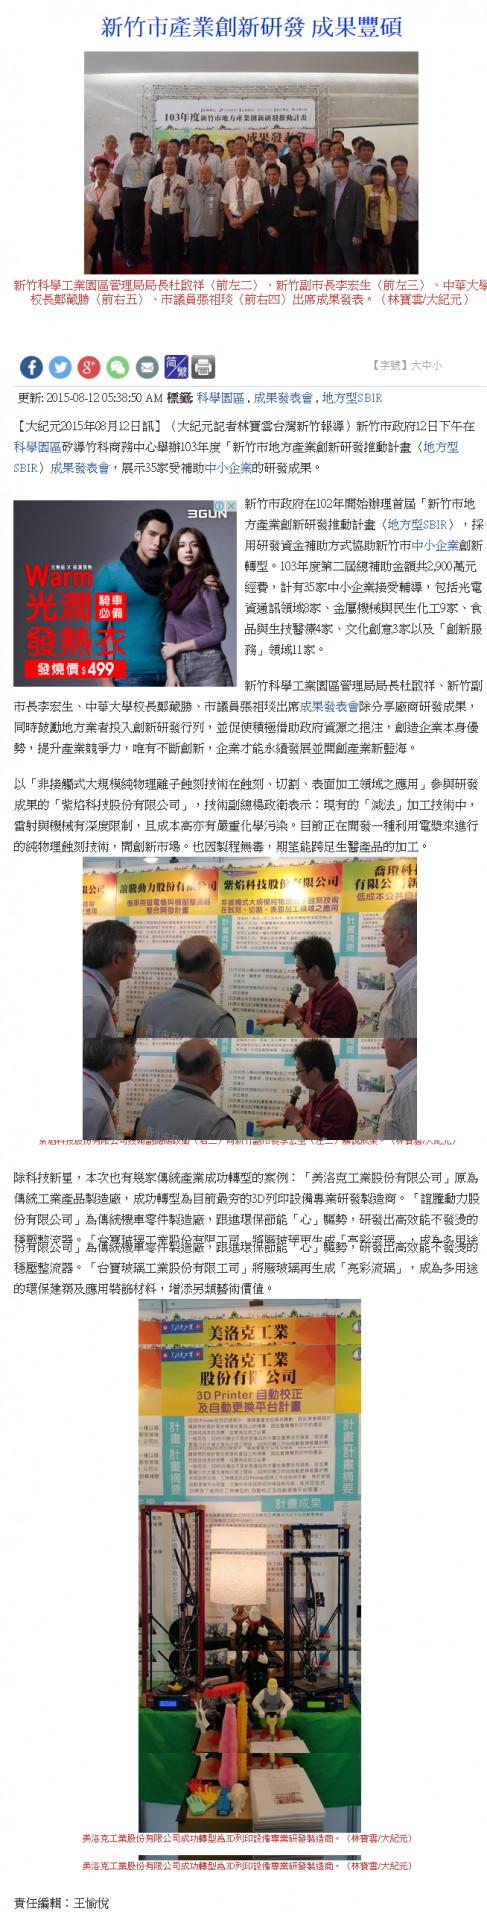 新竹市產業創新研發 成果豐碩